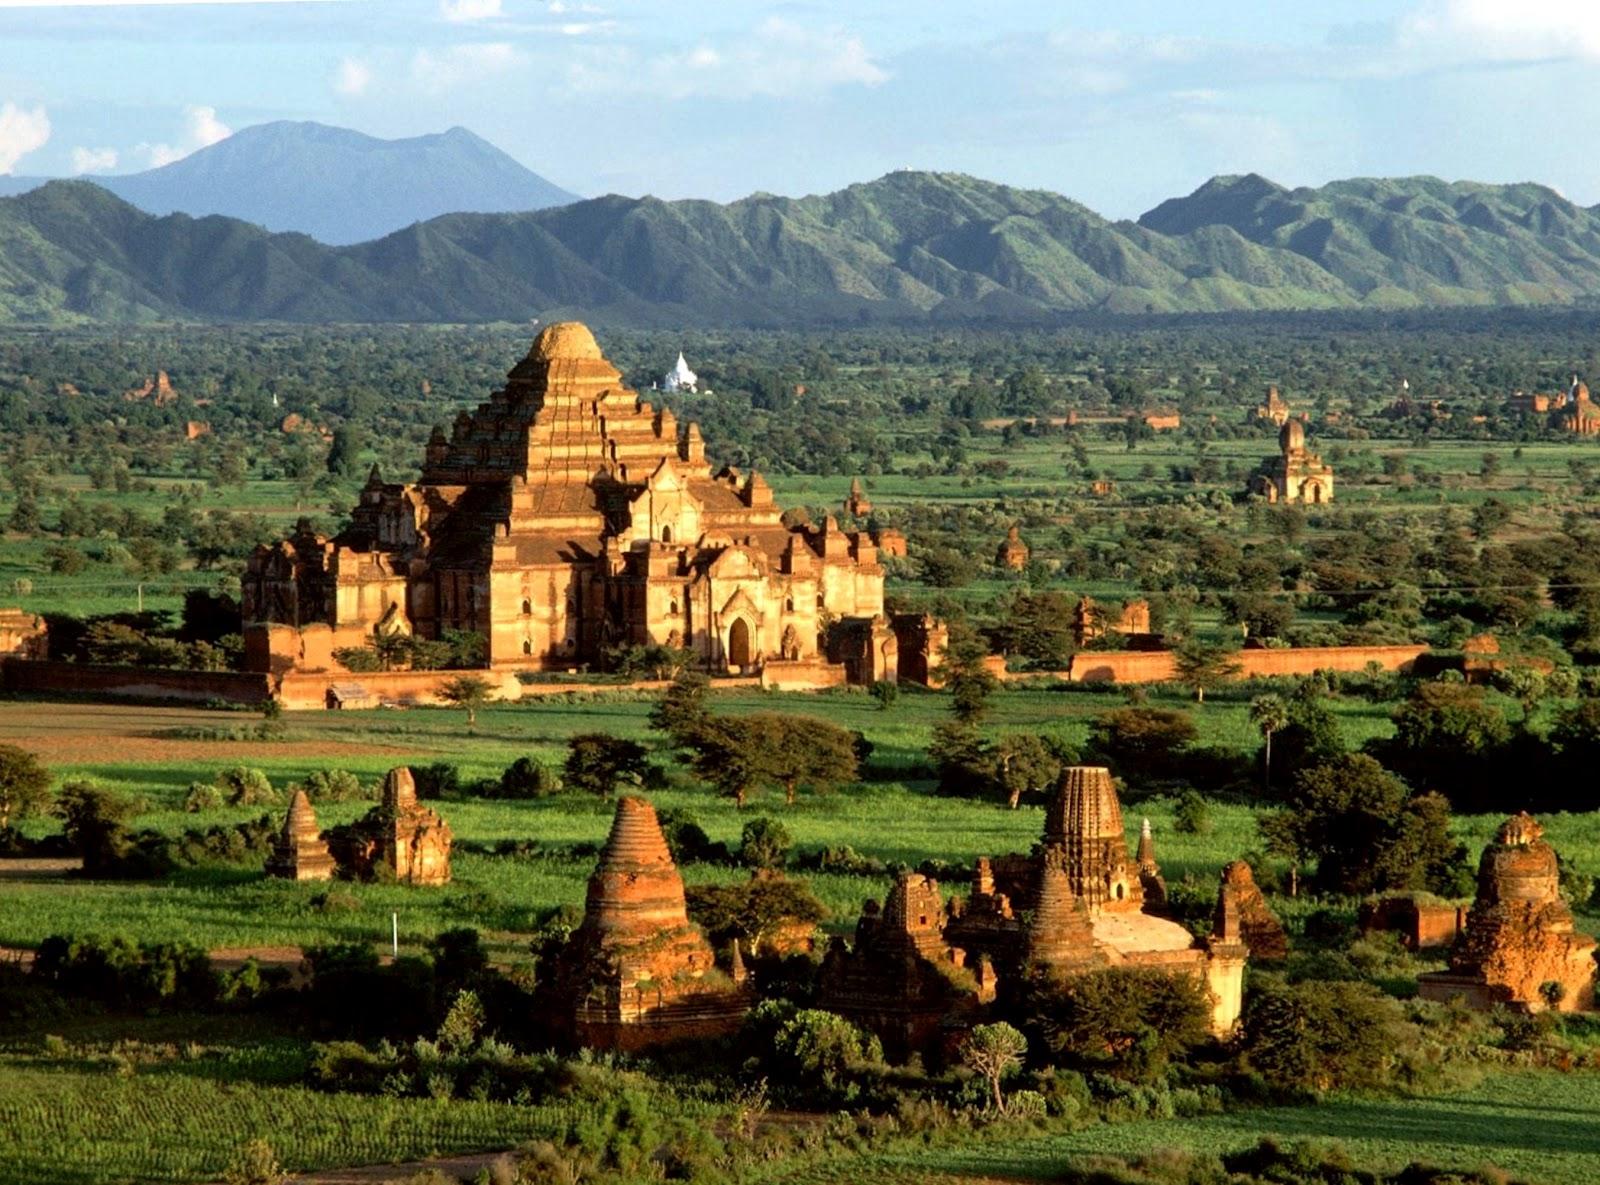 Cambodia. A voyage to Cambodia, Asia - Phnom Penh